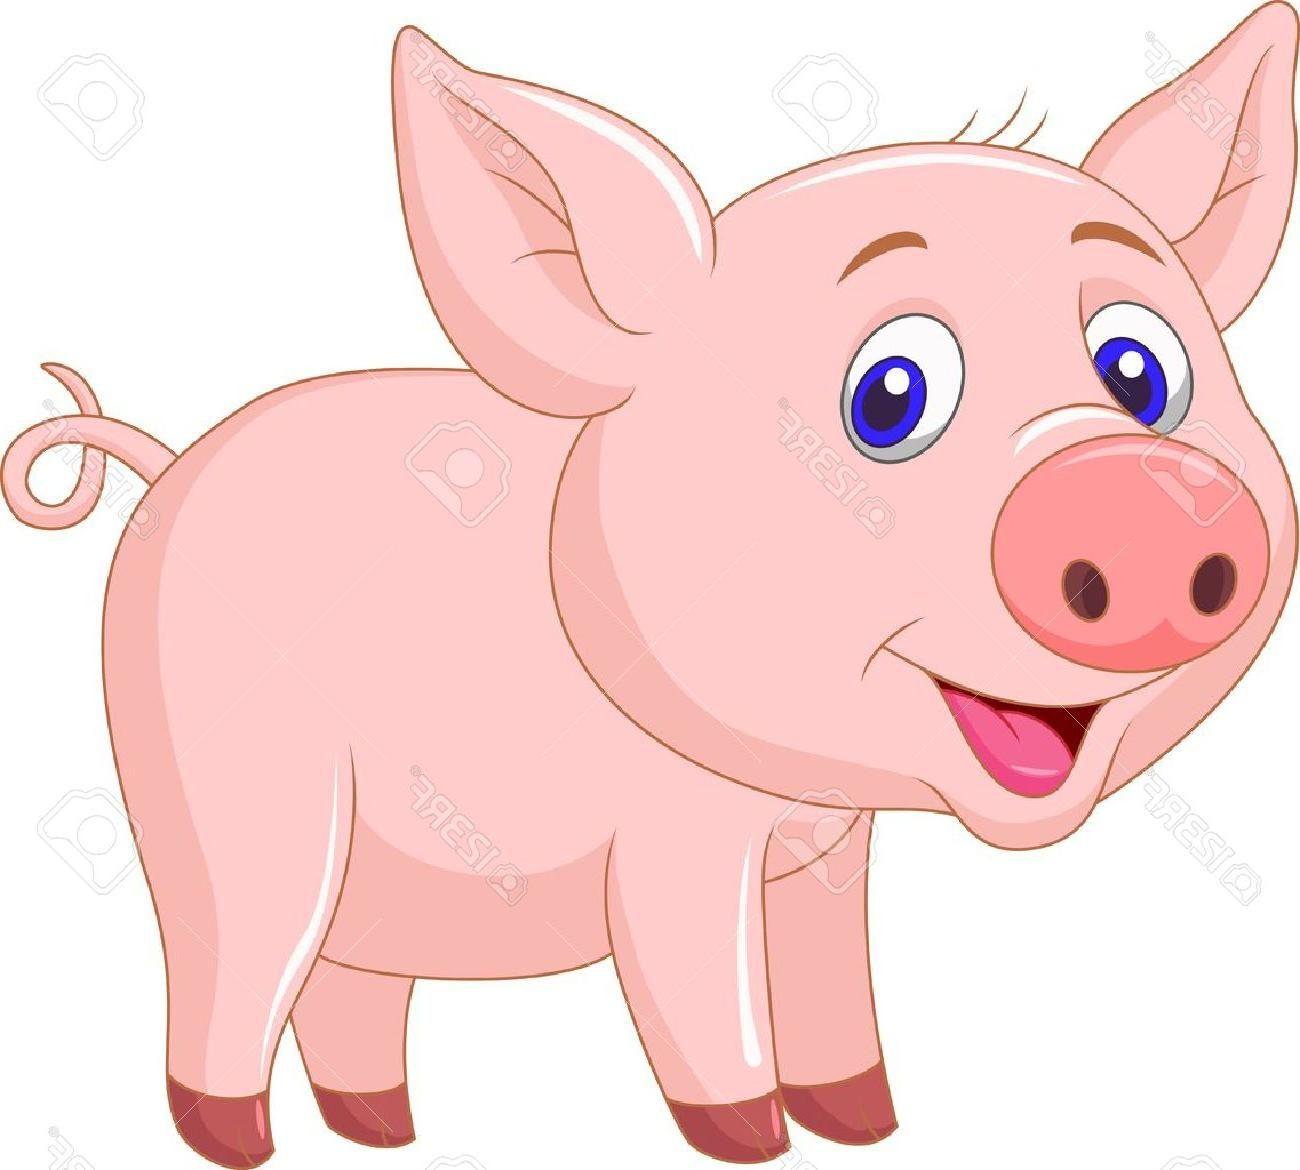 Cute Baby Pigs Baby Pigs Pig Cartoon